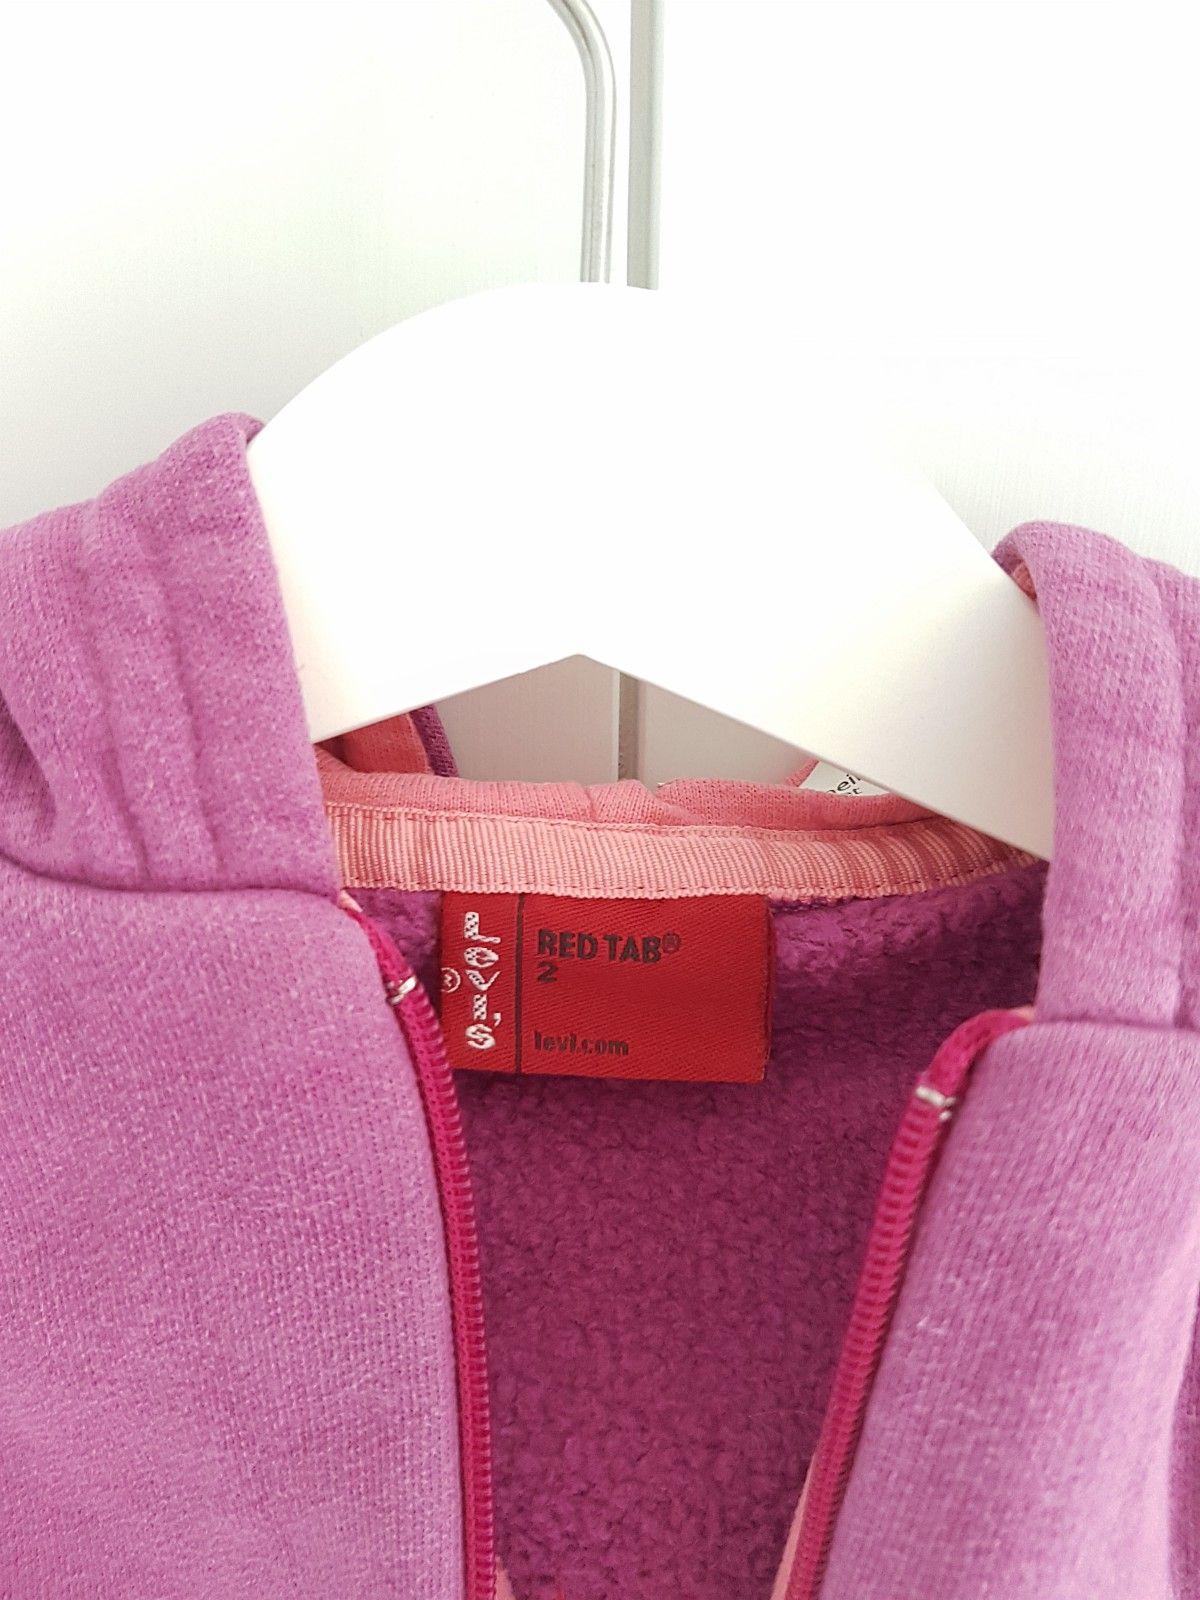 Levis genser str 2 år - Lier  - Levis red tab genser str 2 år med lekkert Levis design på ryggen. Tykk, god og pen genser i Levis kvalitet. Kan sendes. - Lier